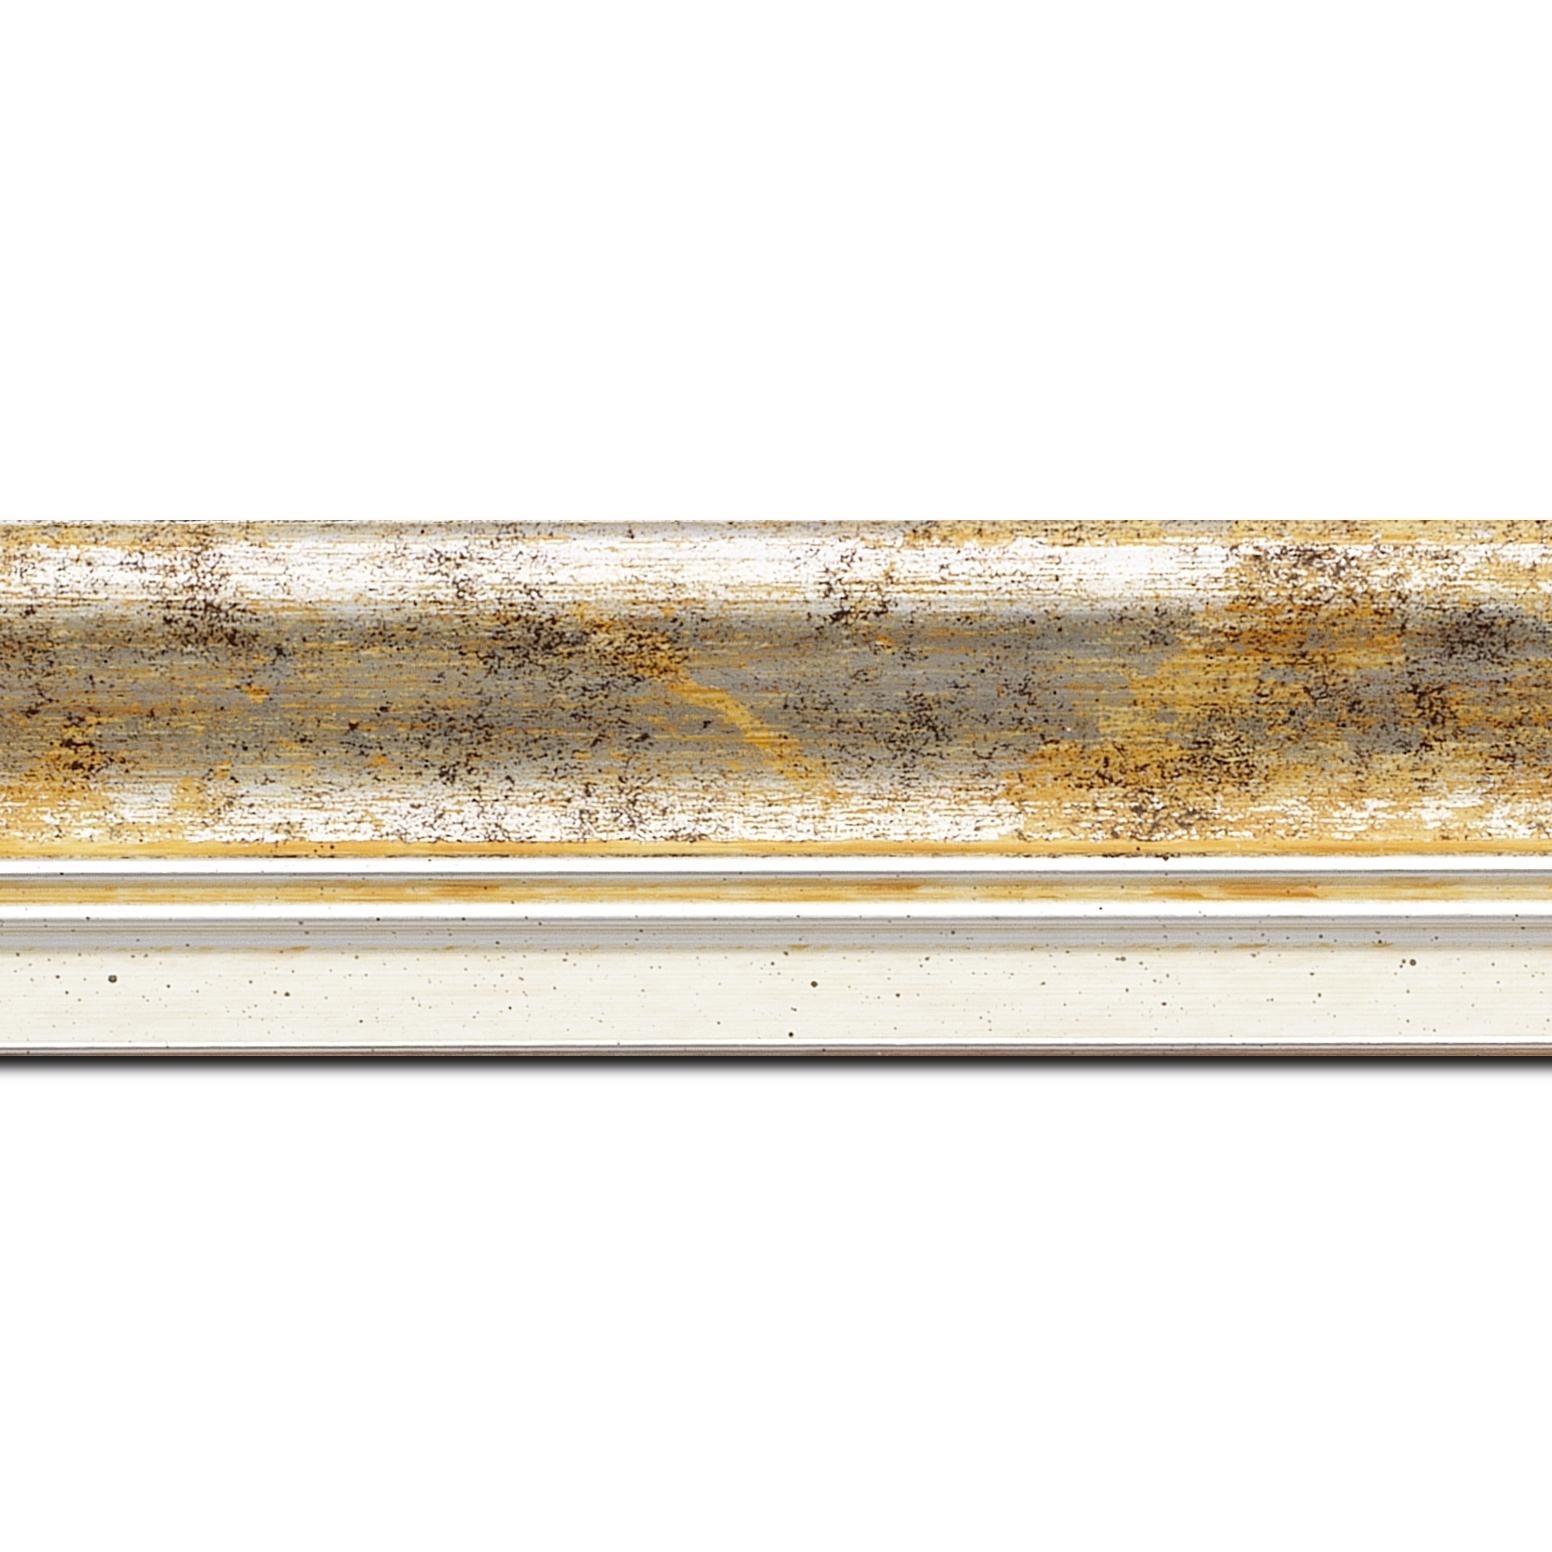 Baguette longueur 1.40m bois profil incurvé largeur 5.7cm de couleur jaune fond argent marie louise blanche mouchetée filet argent intégré